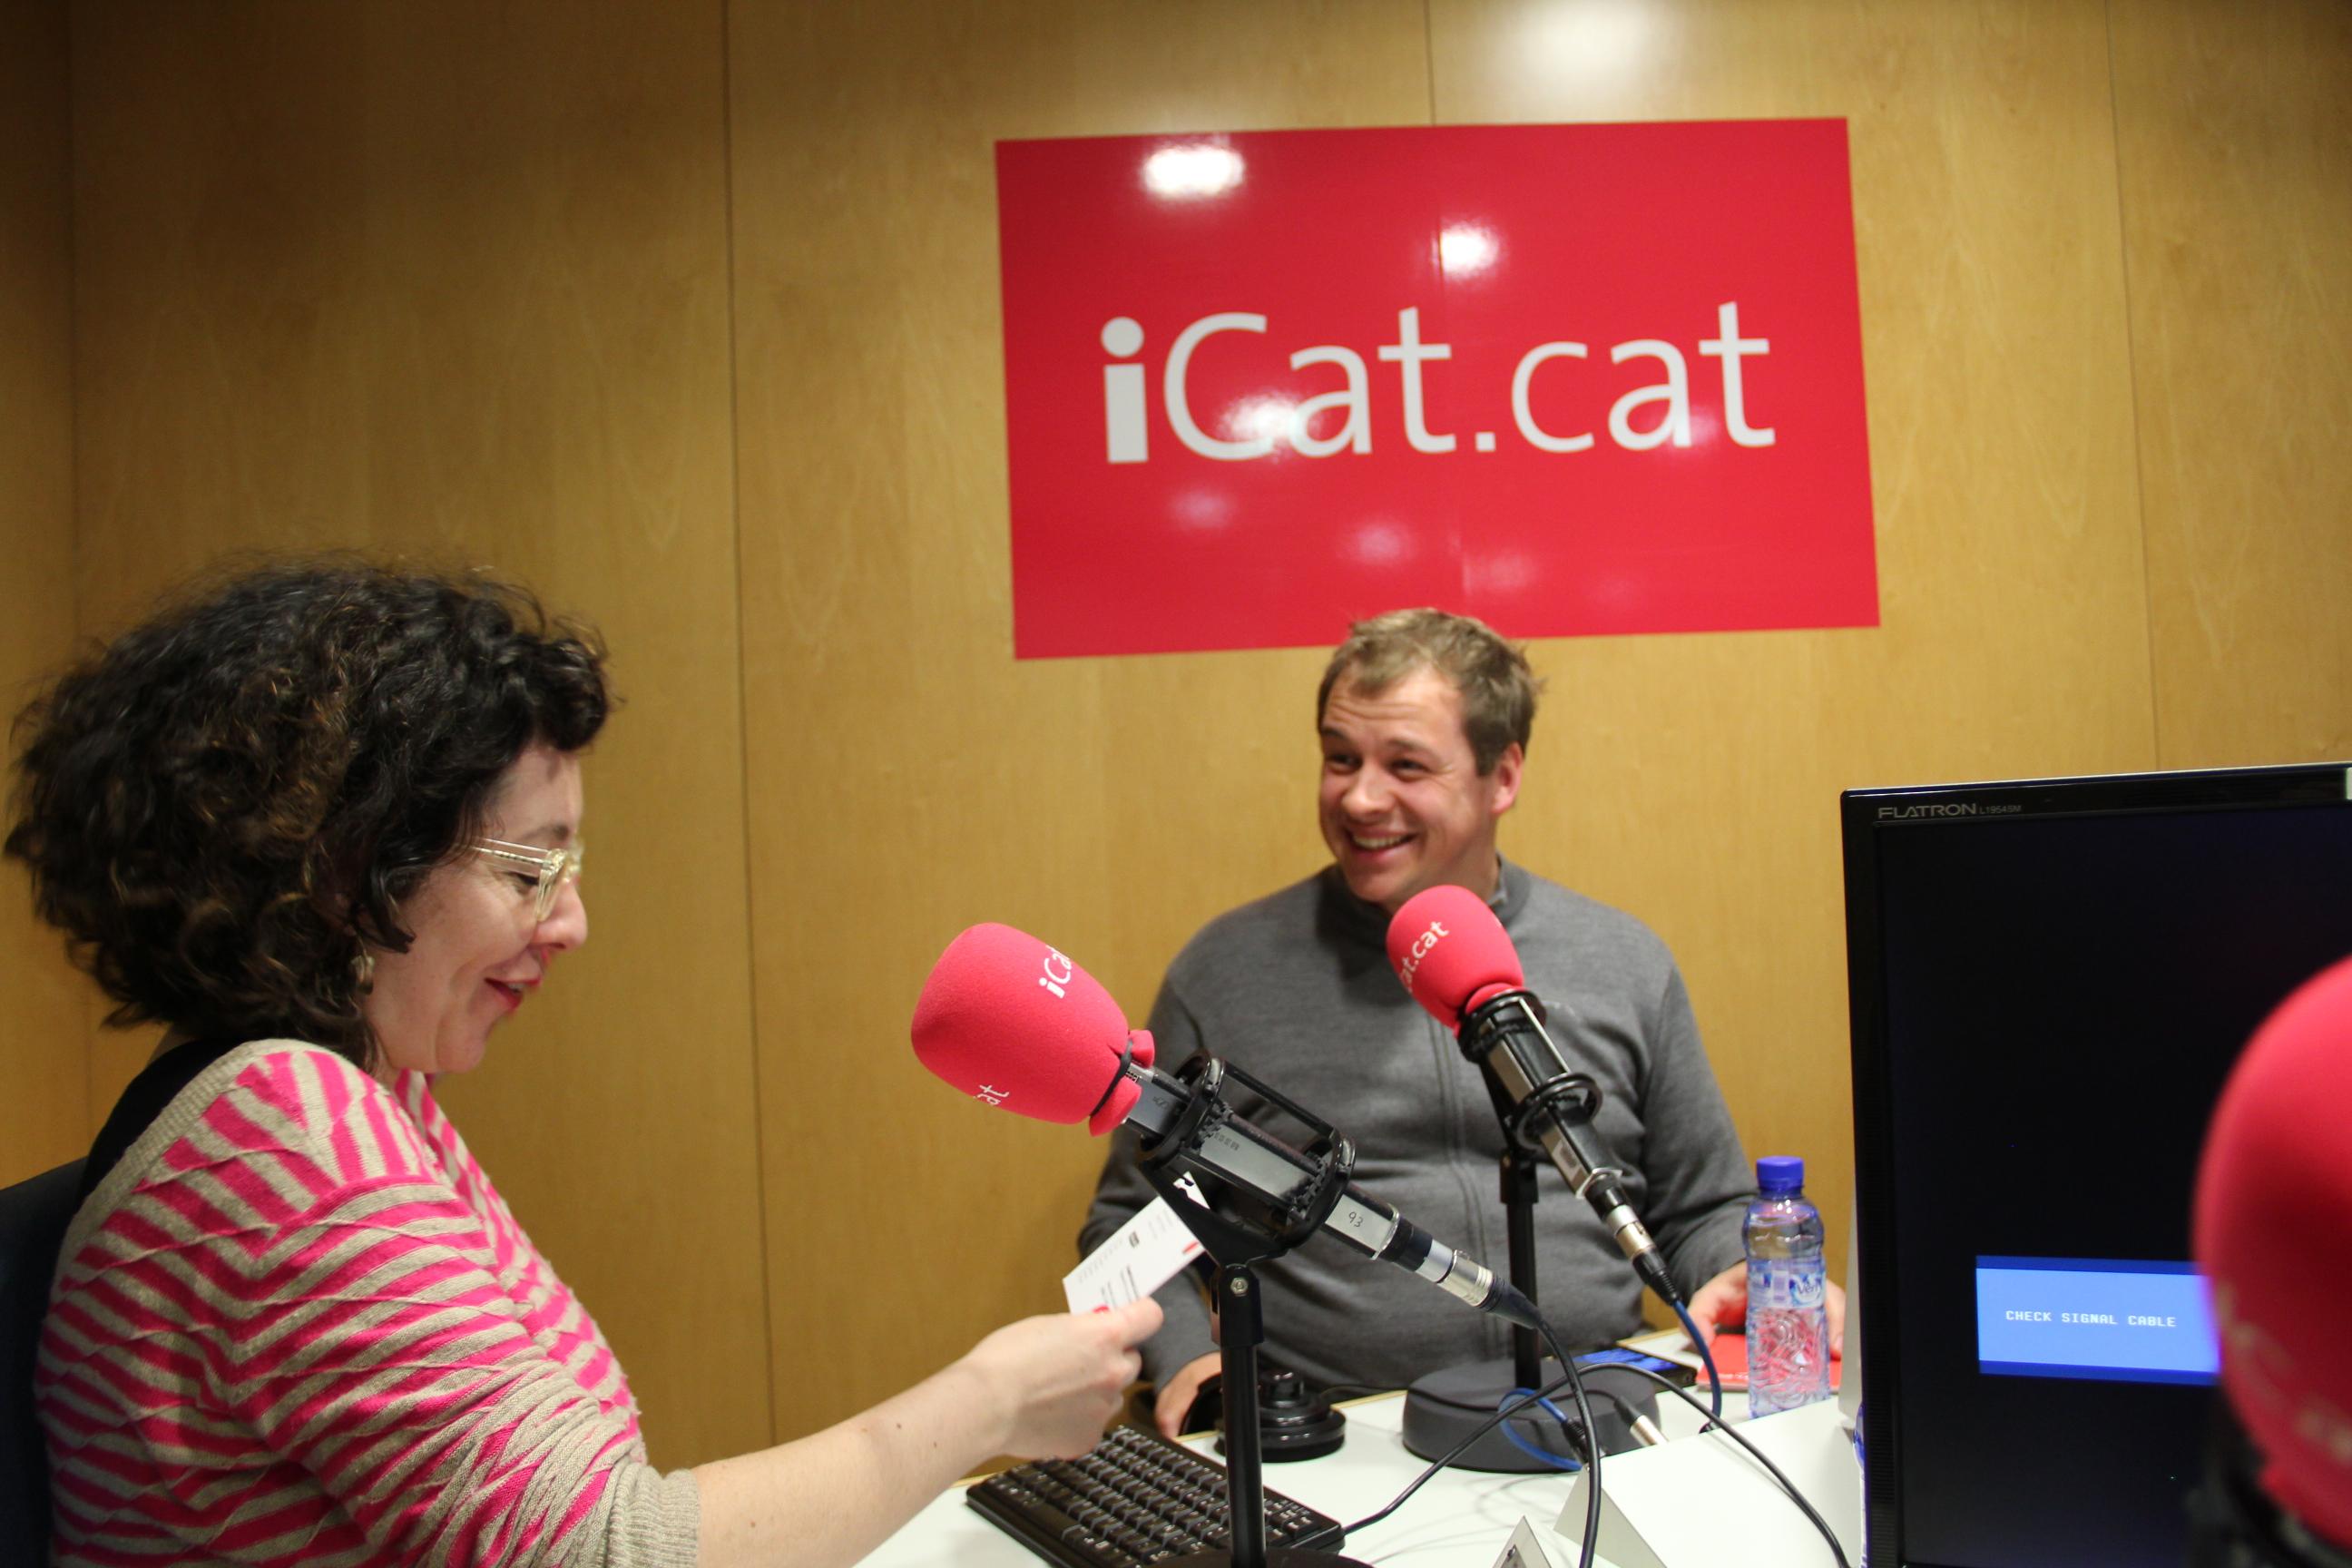 Entrevista con Barista Kim y Montse Virgilioen Radio icat.cat